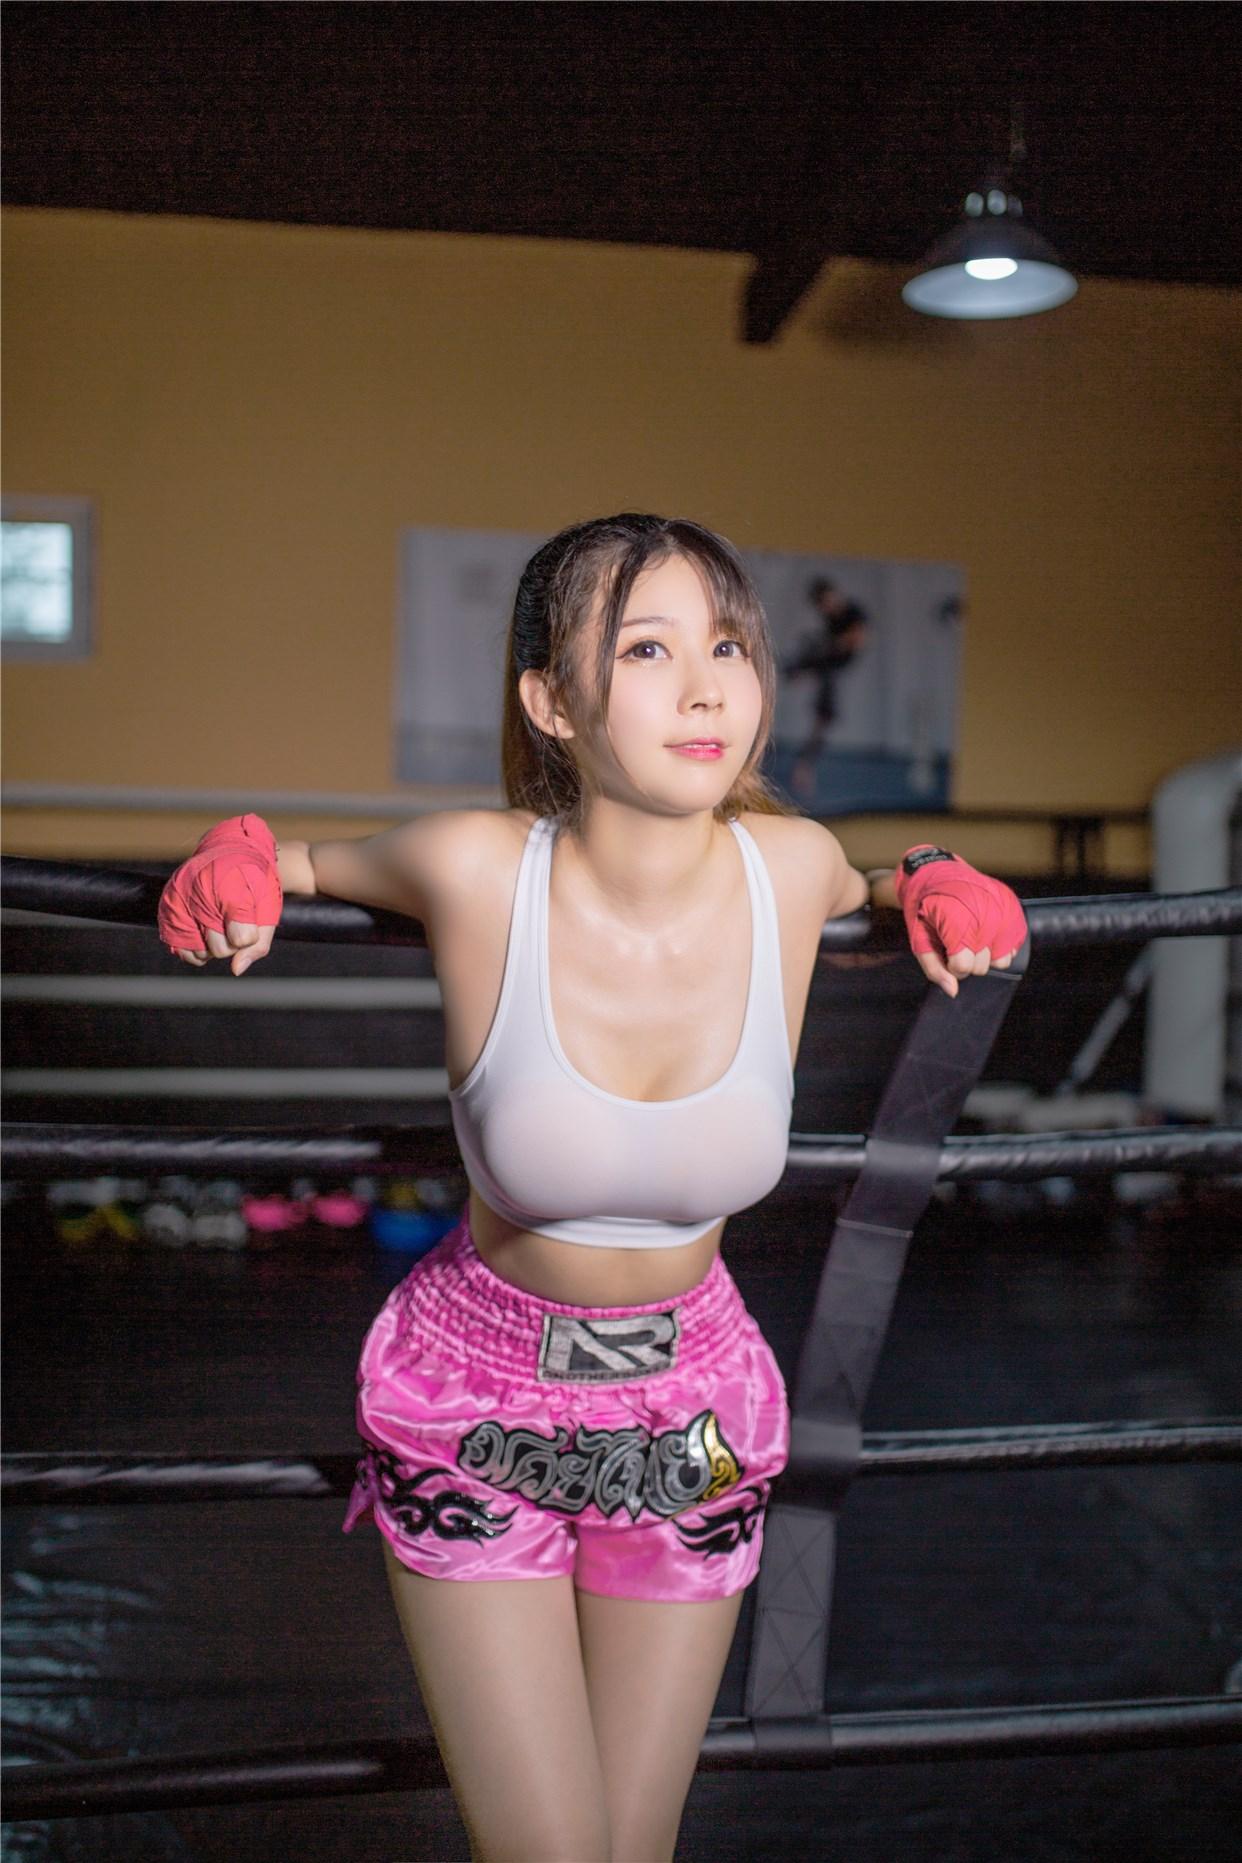 【兔玩映画】健身房的美少女 兔玩映画 第11张